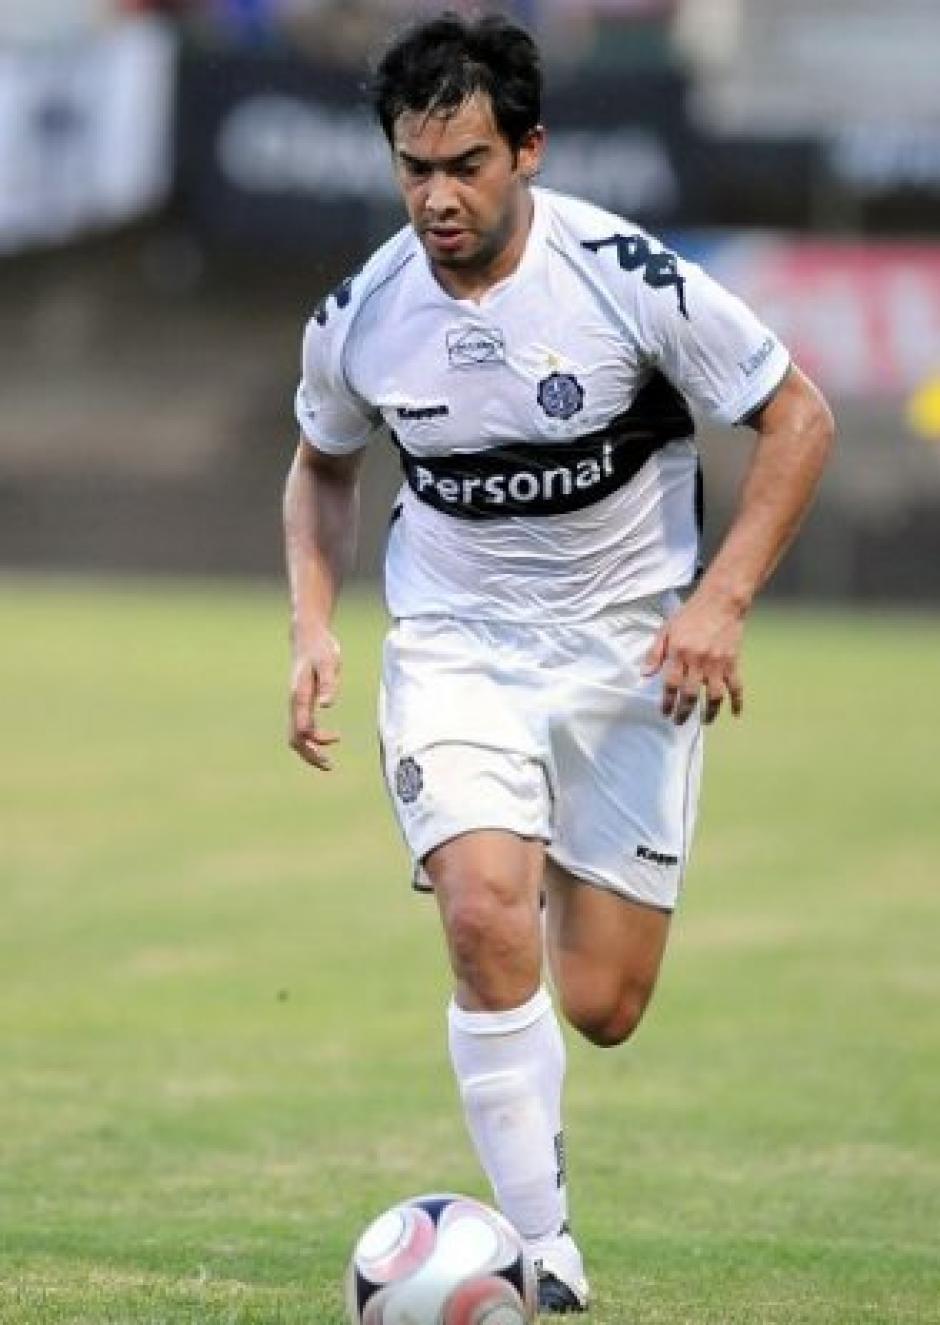 Ruiz jugó en el Olimpia de Paraguay, donde se le recuerda con cariño. (Foto: Twitter)